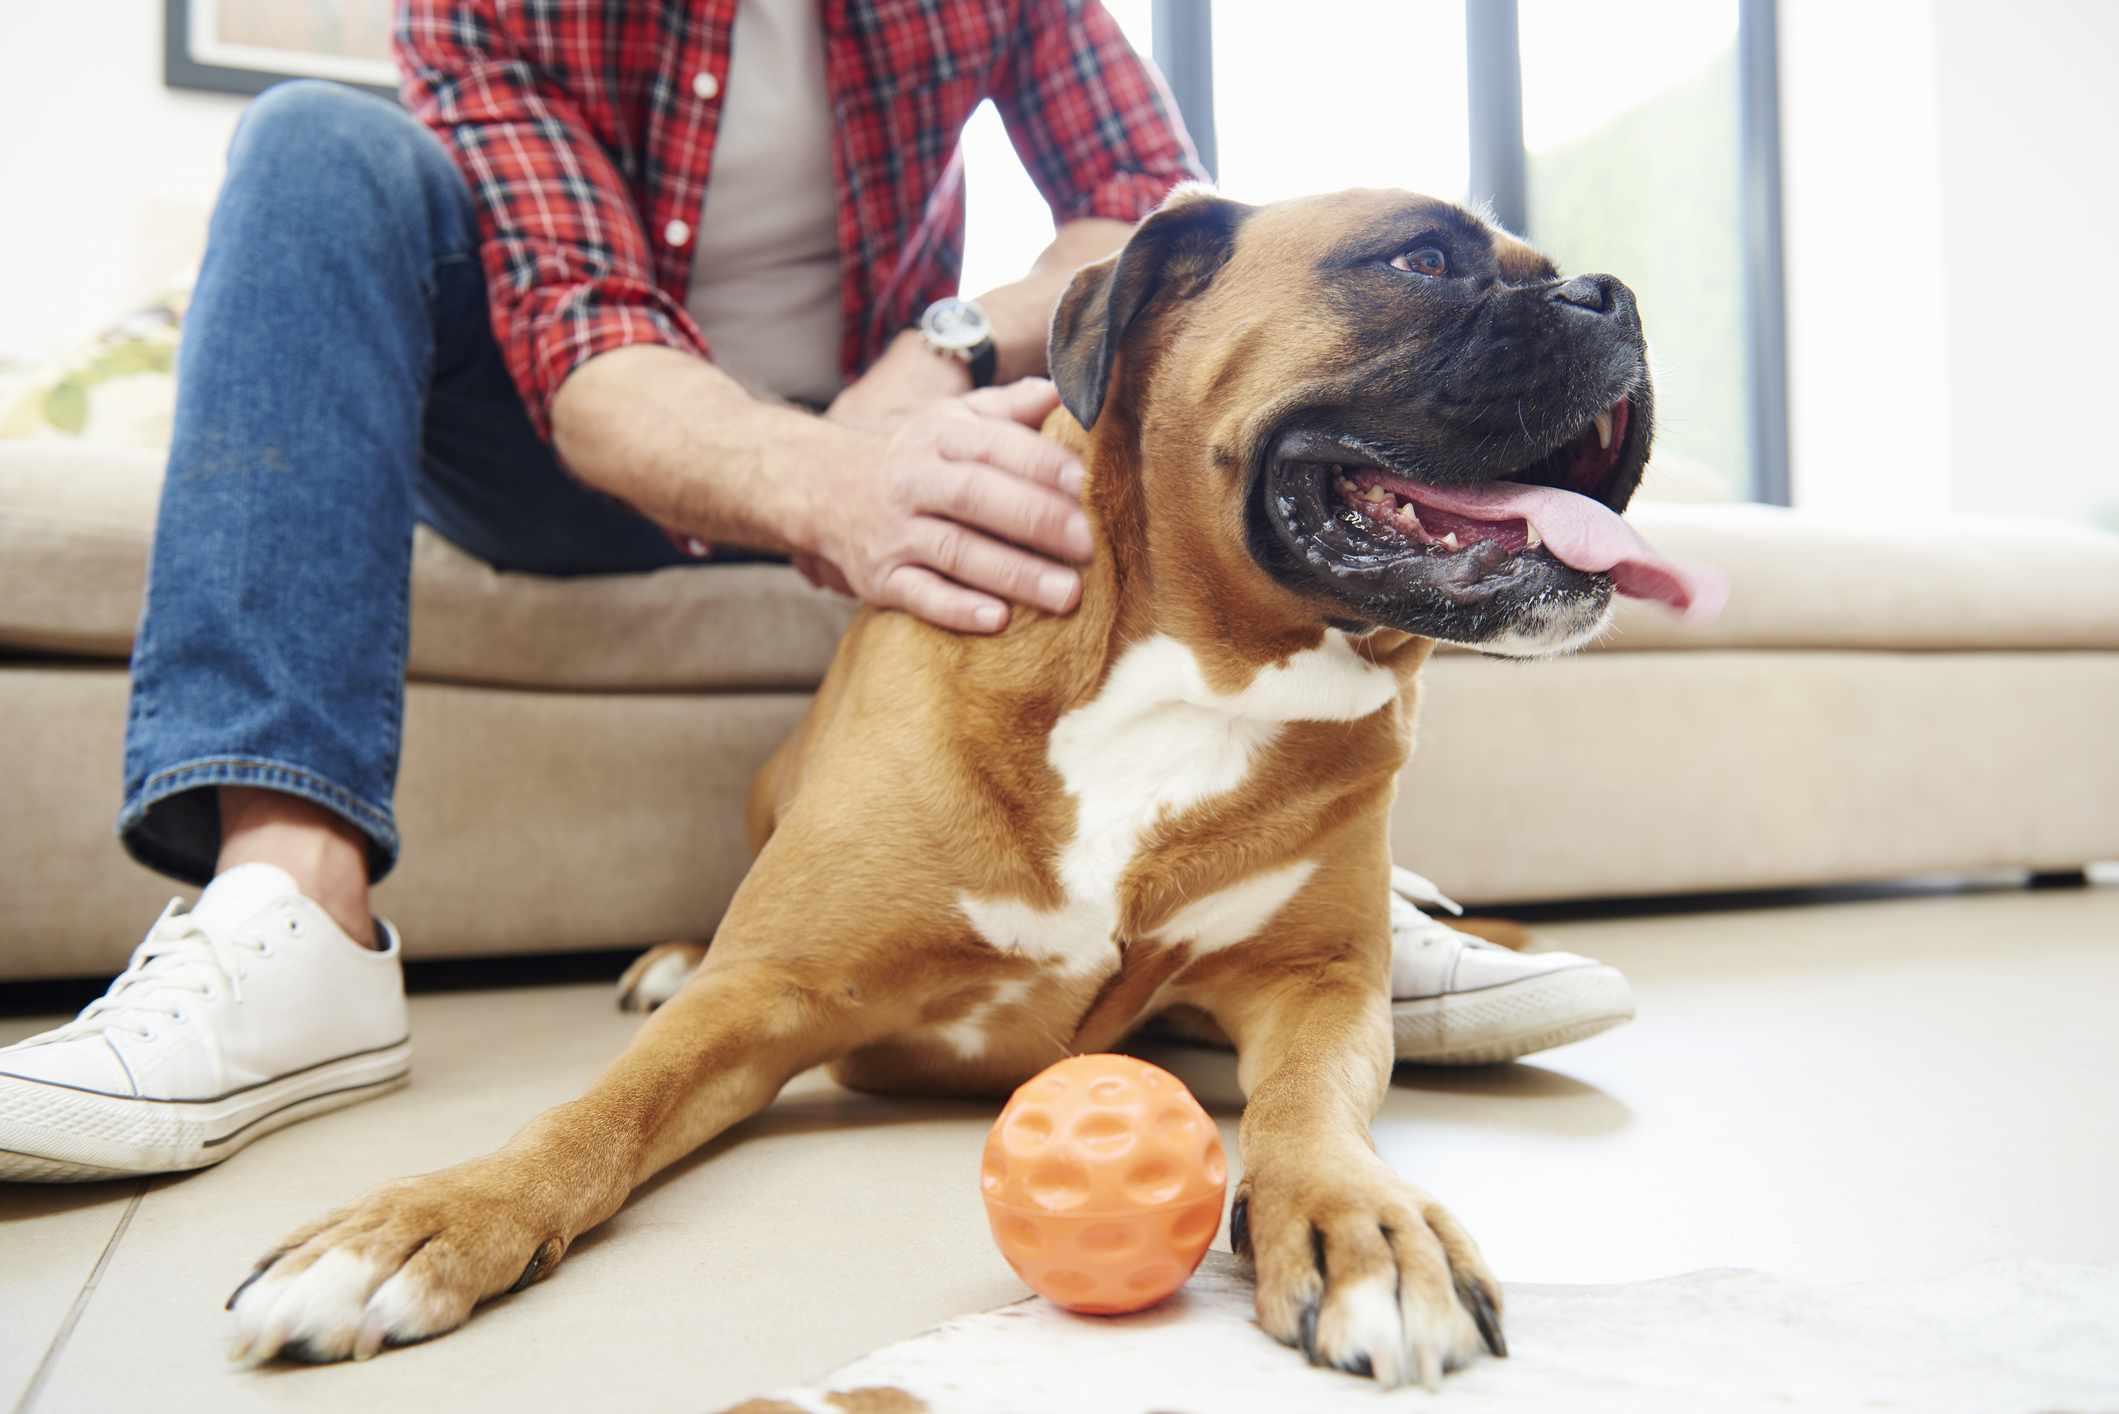 Man petting large brown dog.